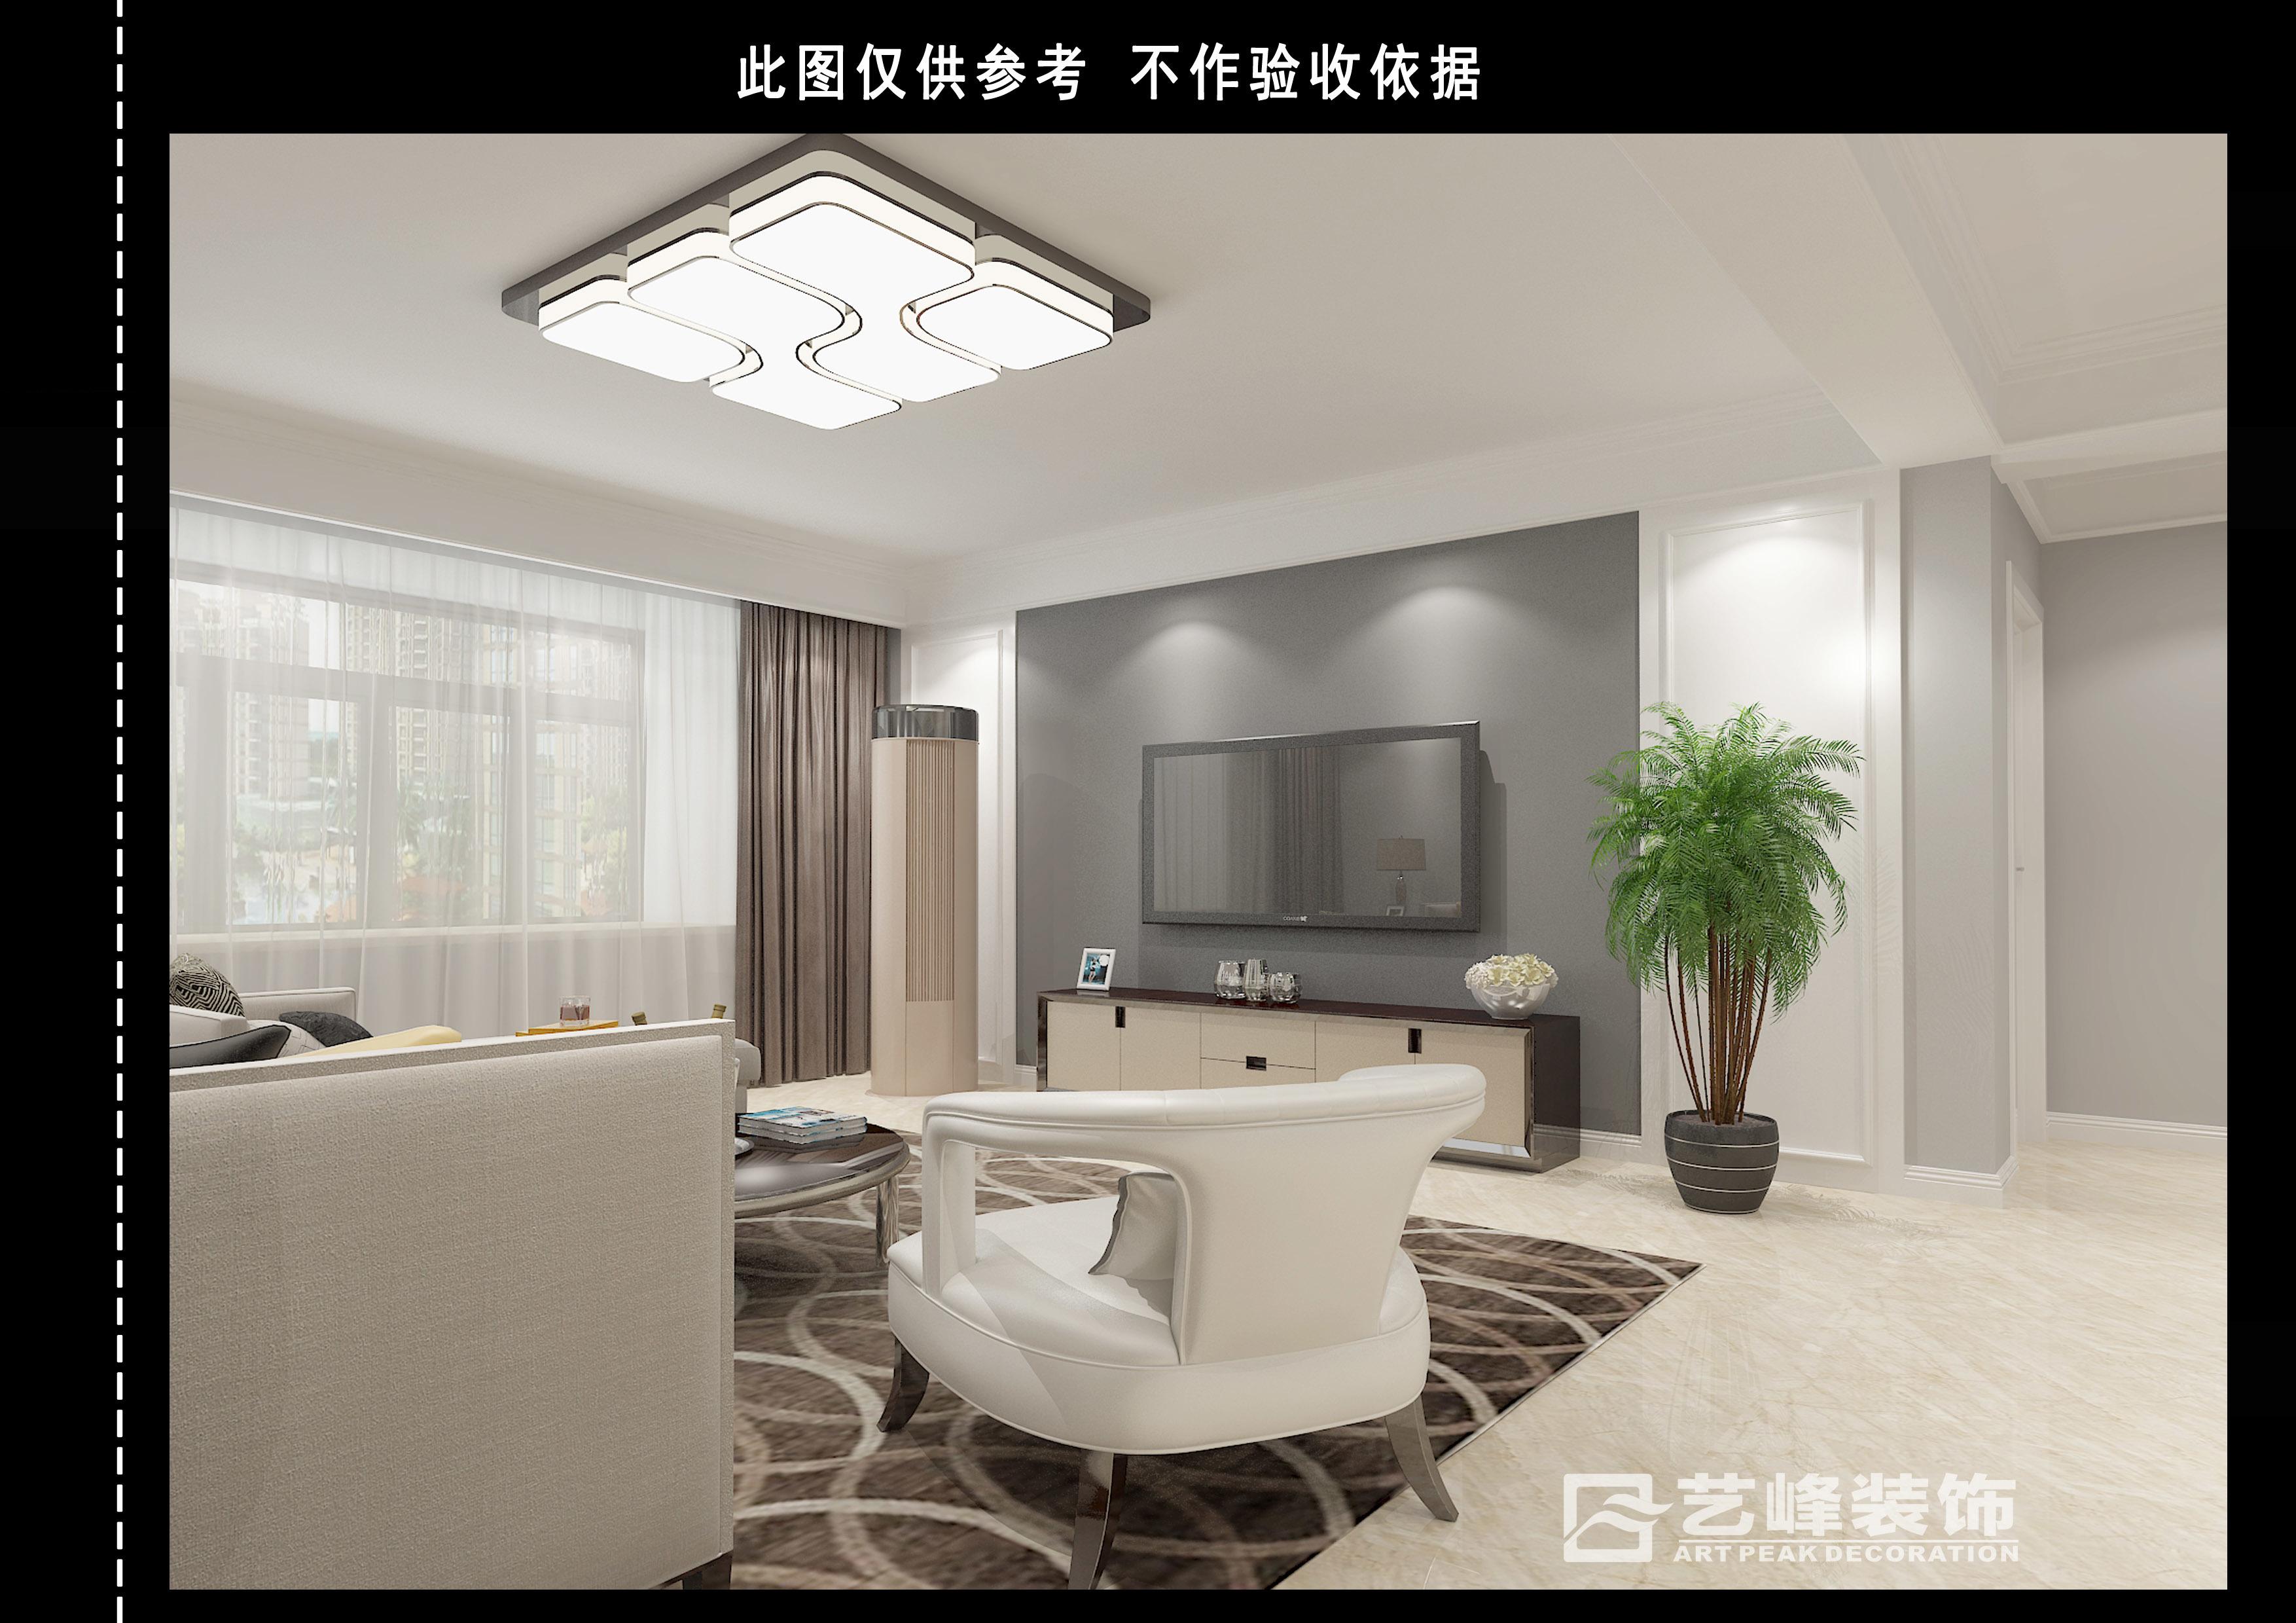 旺峰嘉苑現代簡約裝修效果圖